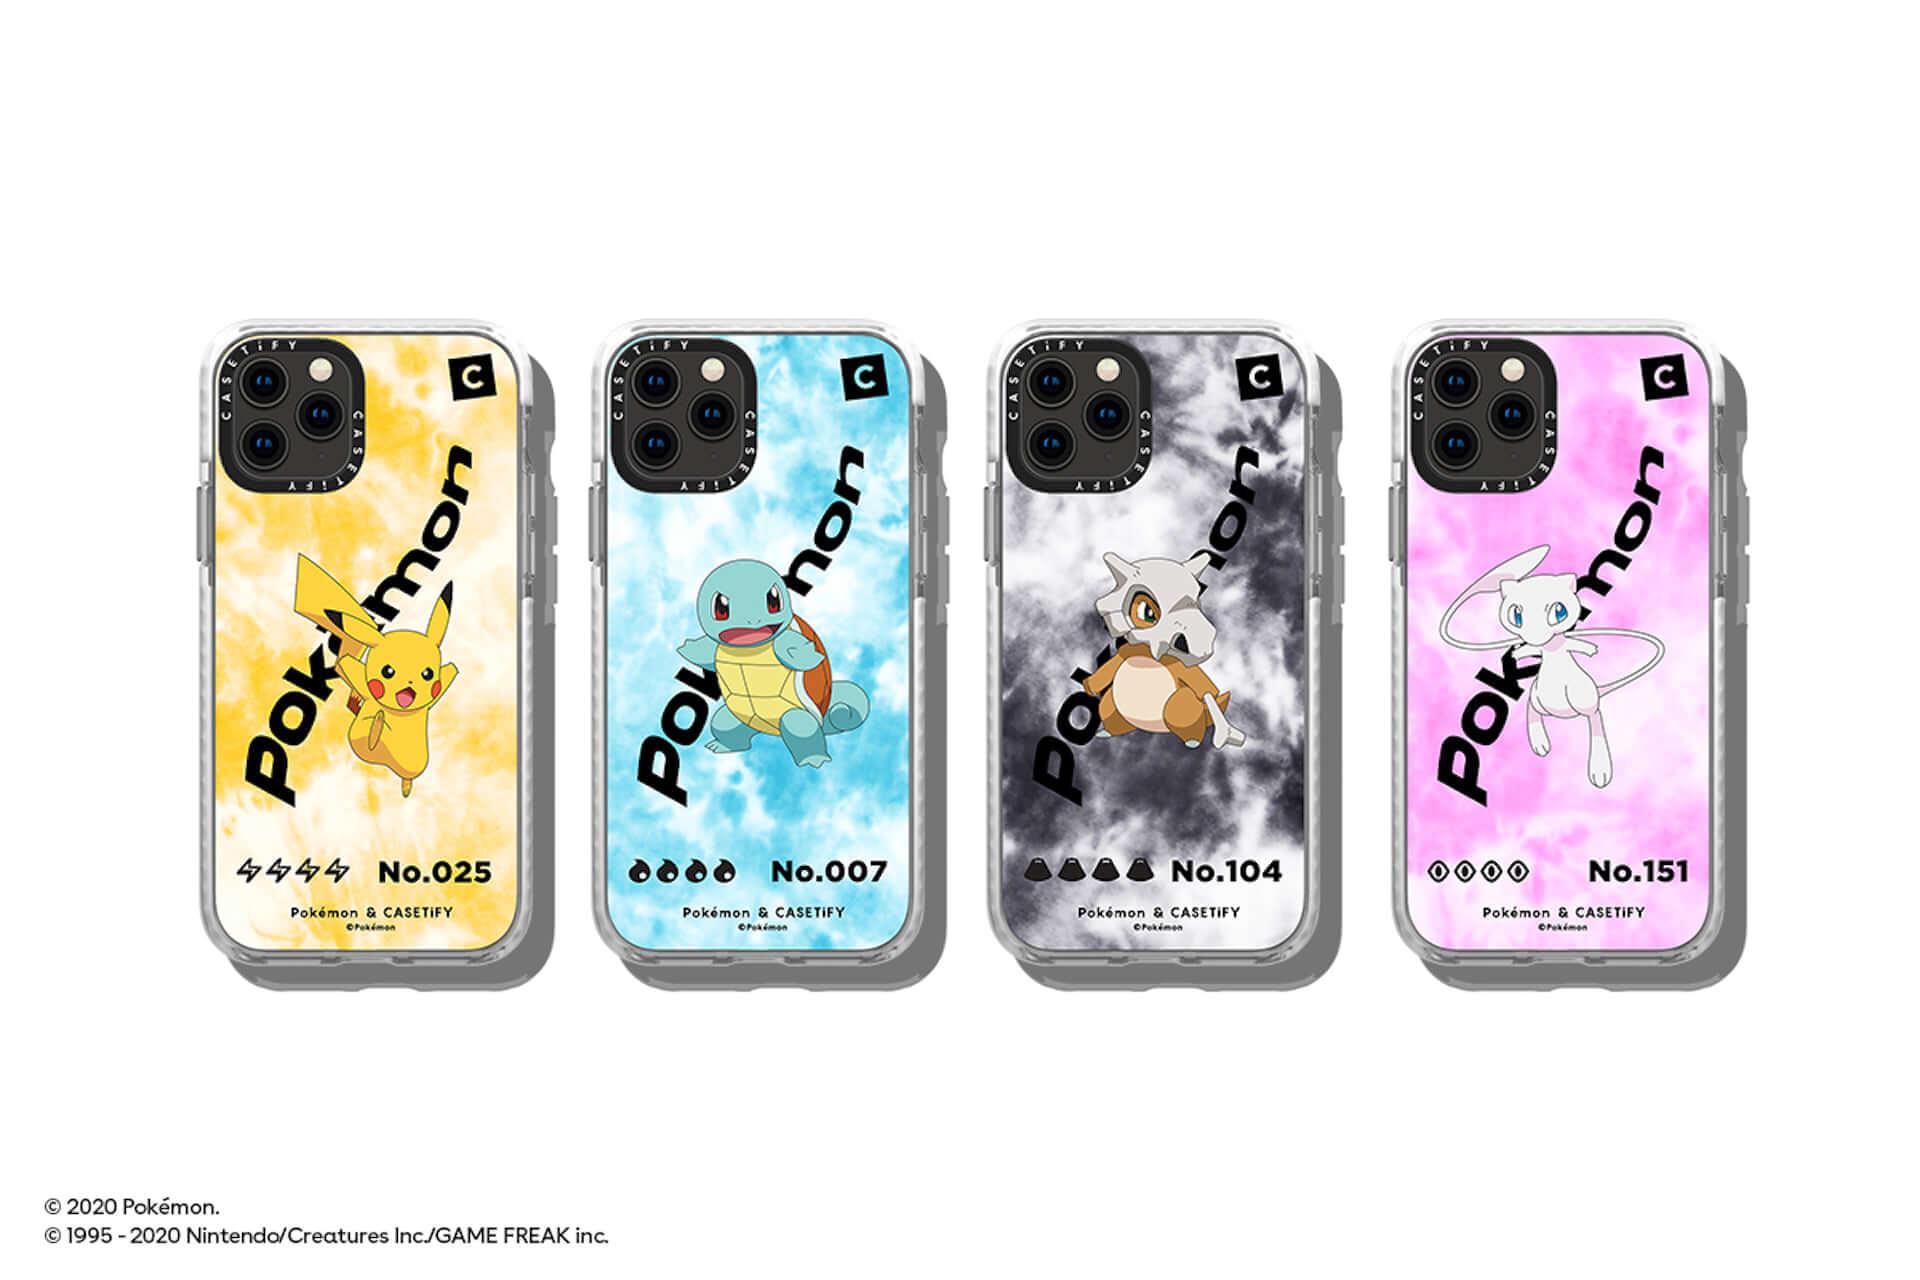 CASETiFYとポケモンの再タッグが実現!新コレクション第1弾にiPhoneケース、ワイヤレスチャージャー等が発売決定 tech200727_casetify-pokemon_17-1920x1280